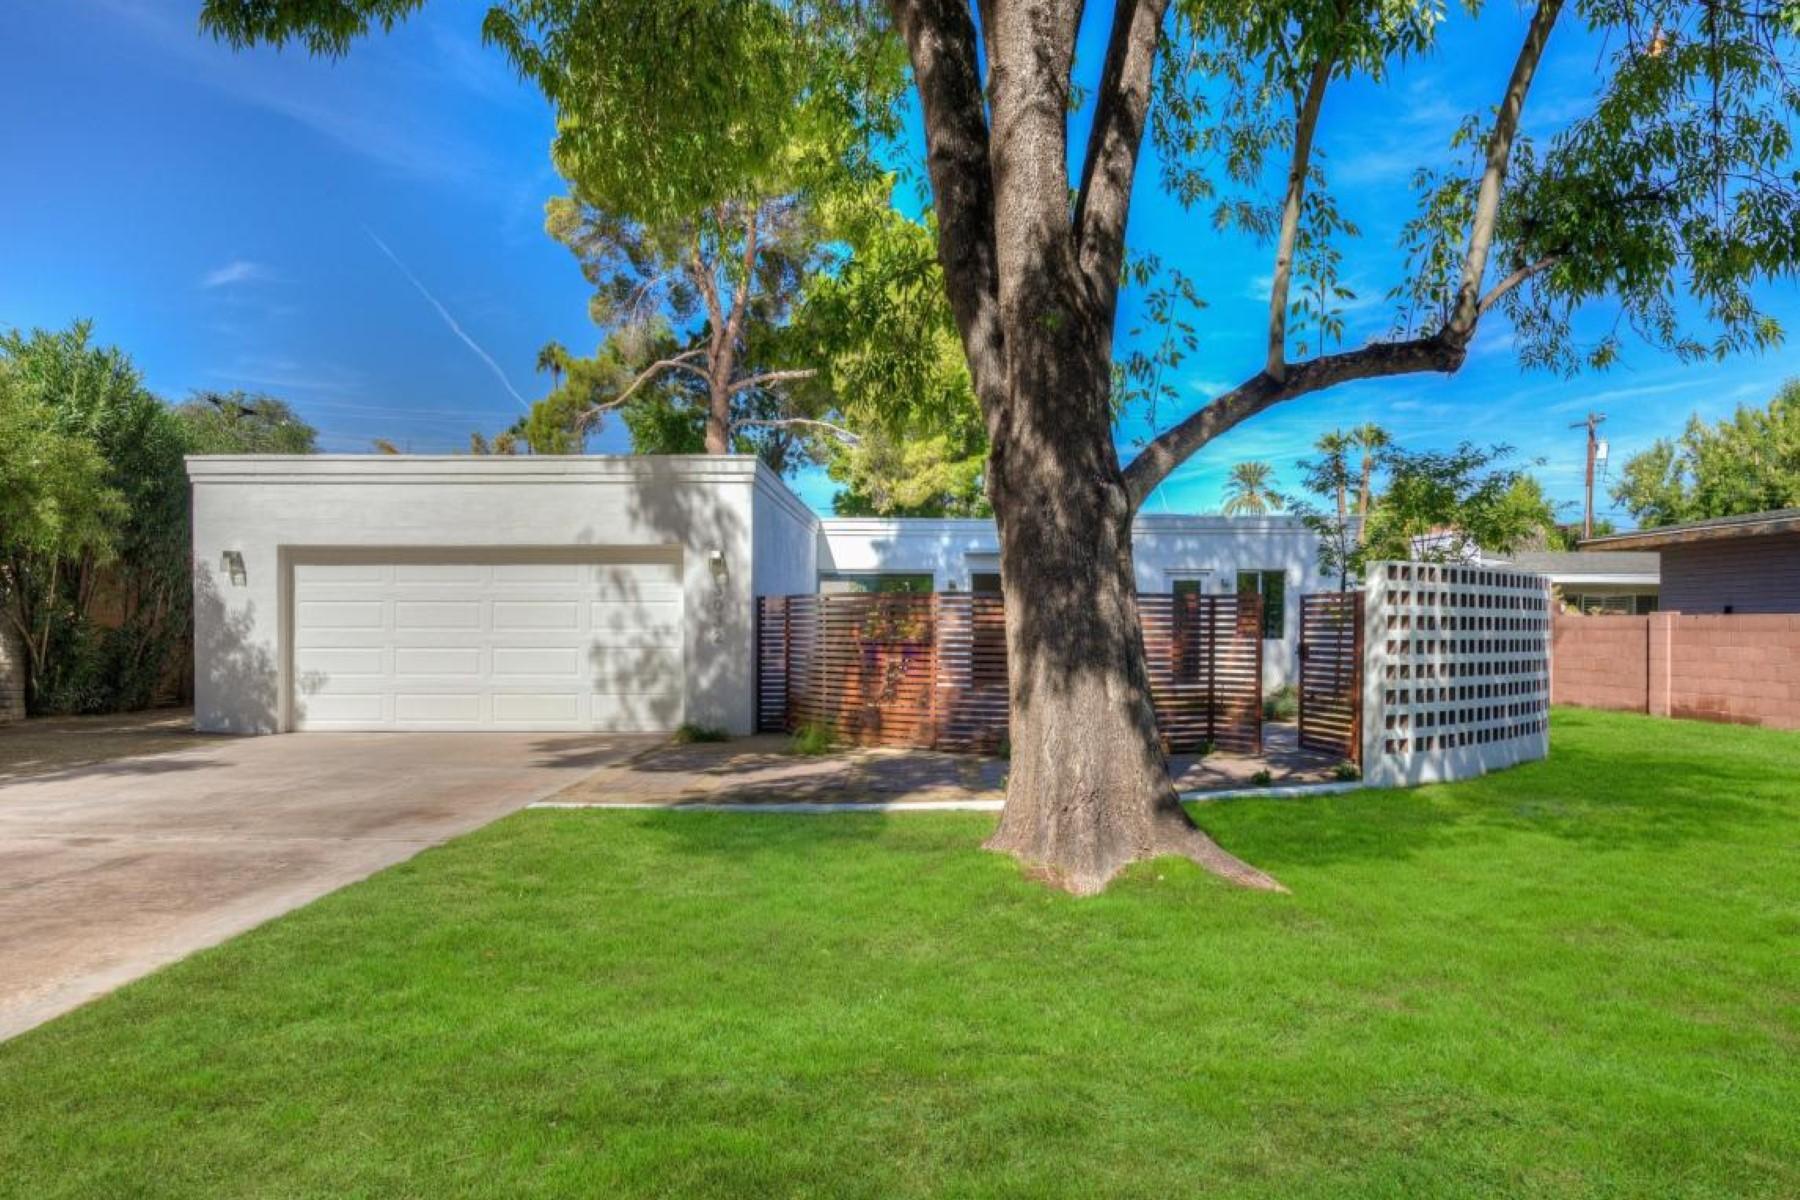 Vivienda unifamiliar por un Venta en Brand new custom contemporary home near the Arizona Country Club 3032 N Marigold Dr Phoenix, Arizona, 85018 Estados Unidos